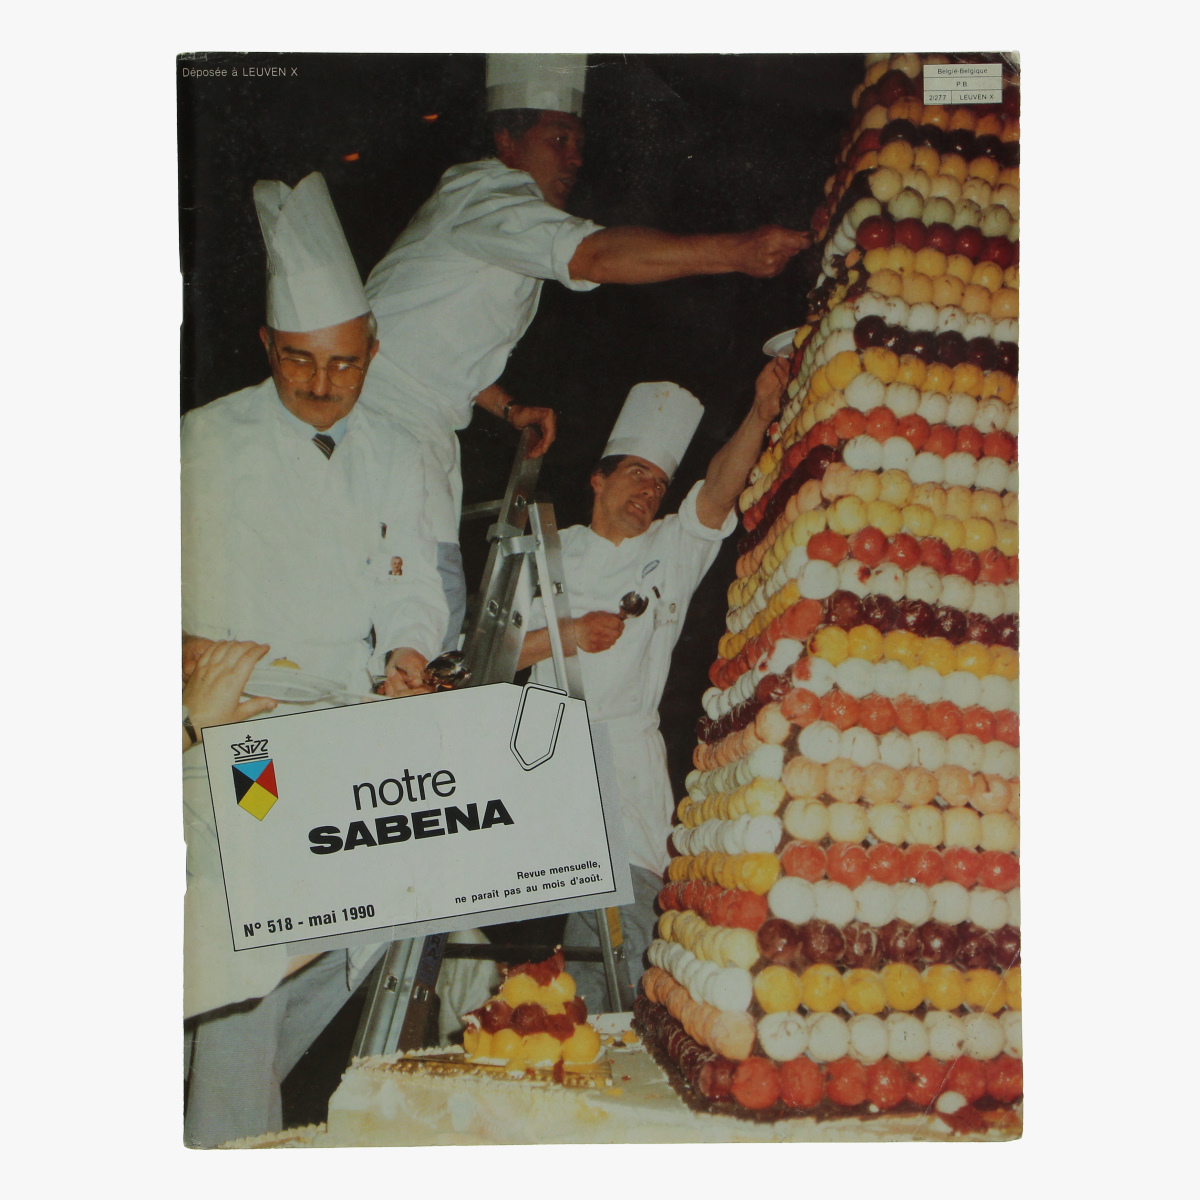 Afbeeldingen van maanblad onze sabena mei 1990 tweetalig frans nederlands